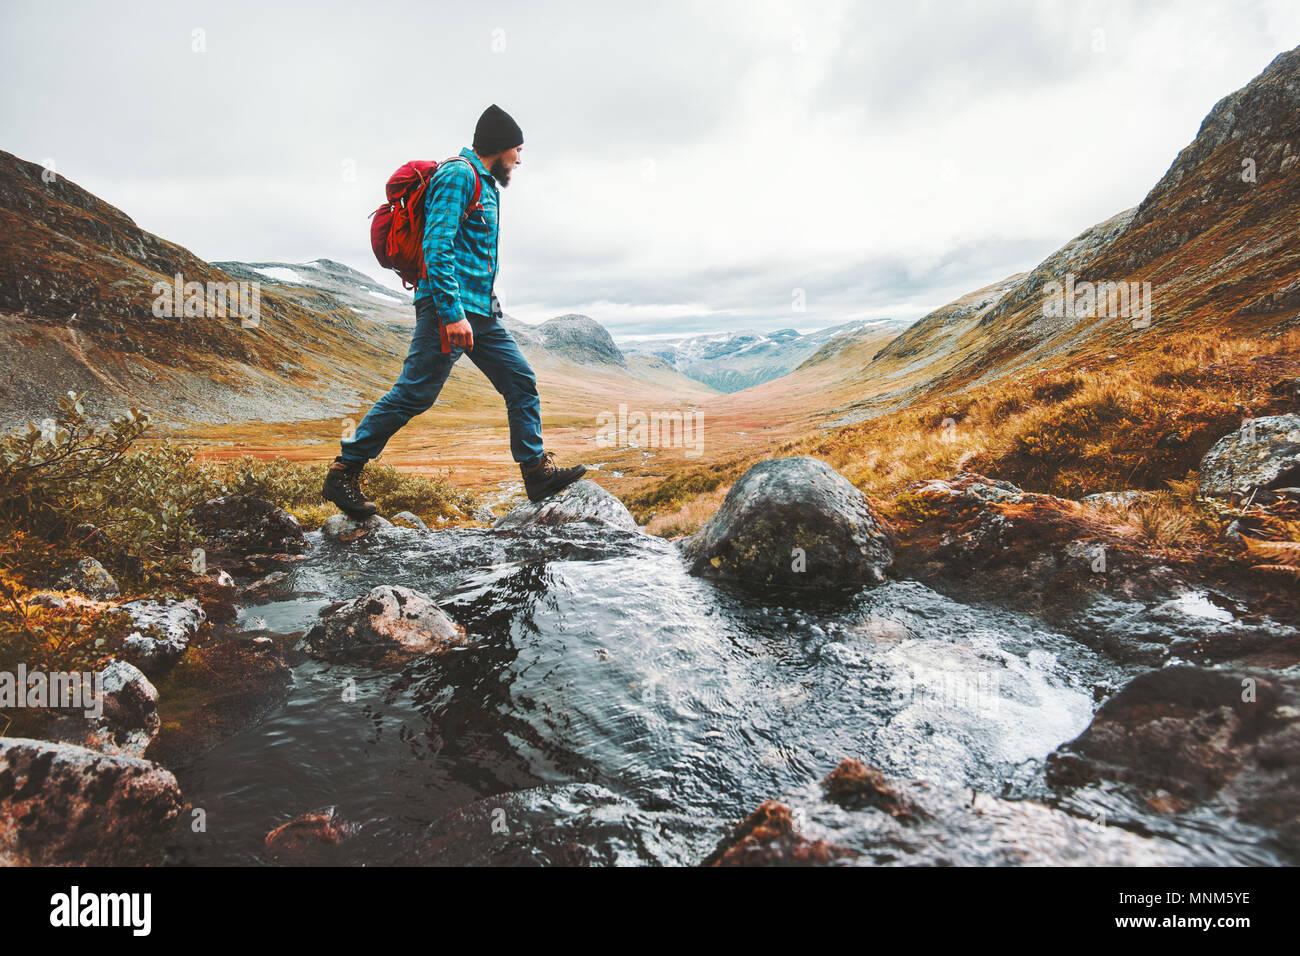 Man solo unterwegs Backpacker wandern in den skandinavischen Bergen Aktiv gesund Lifestyle Abenteuer Reise Urlaub Stockbild